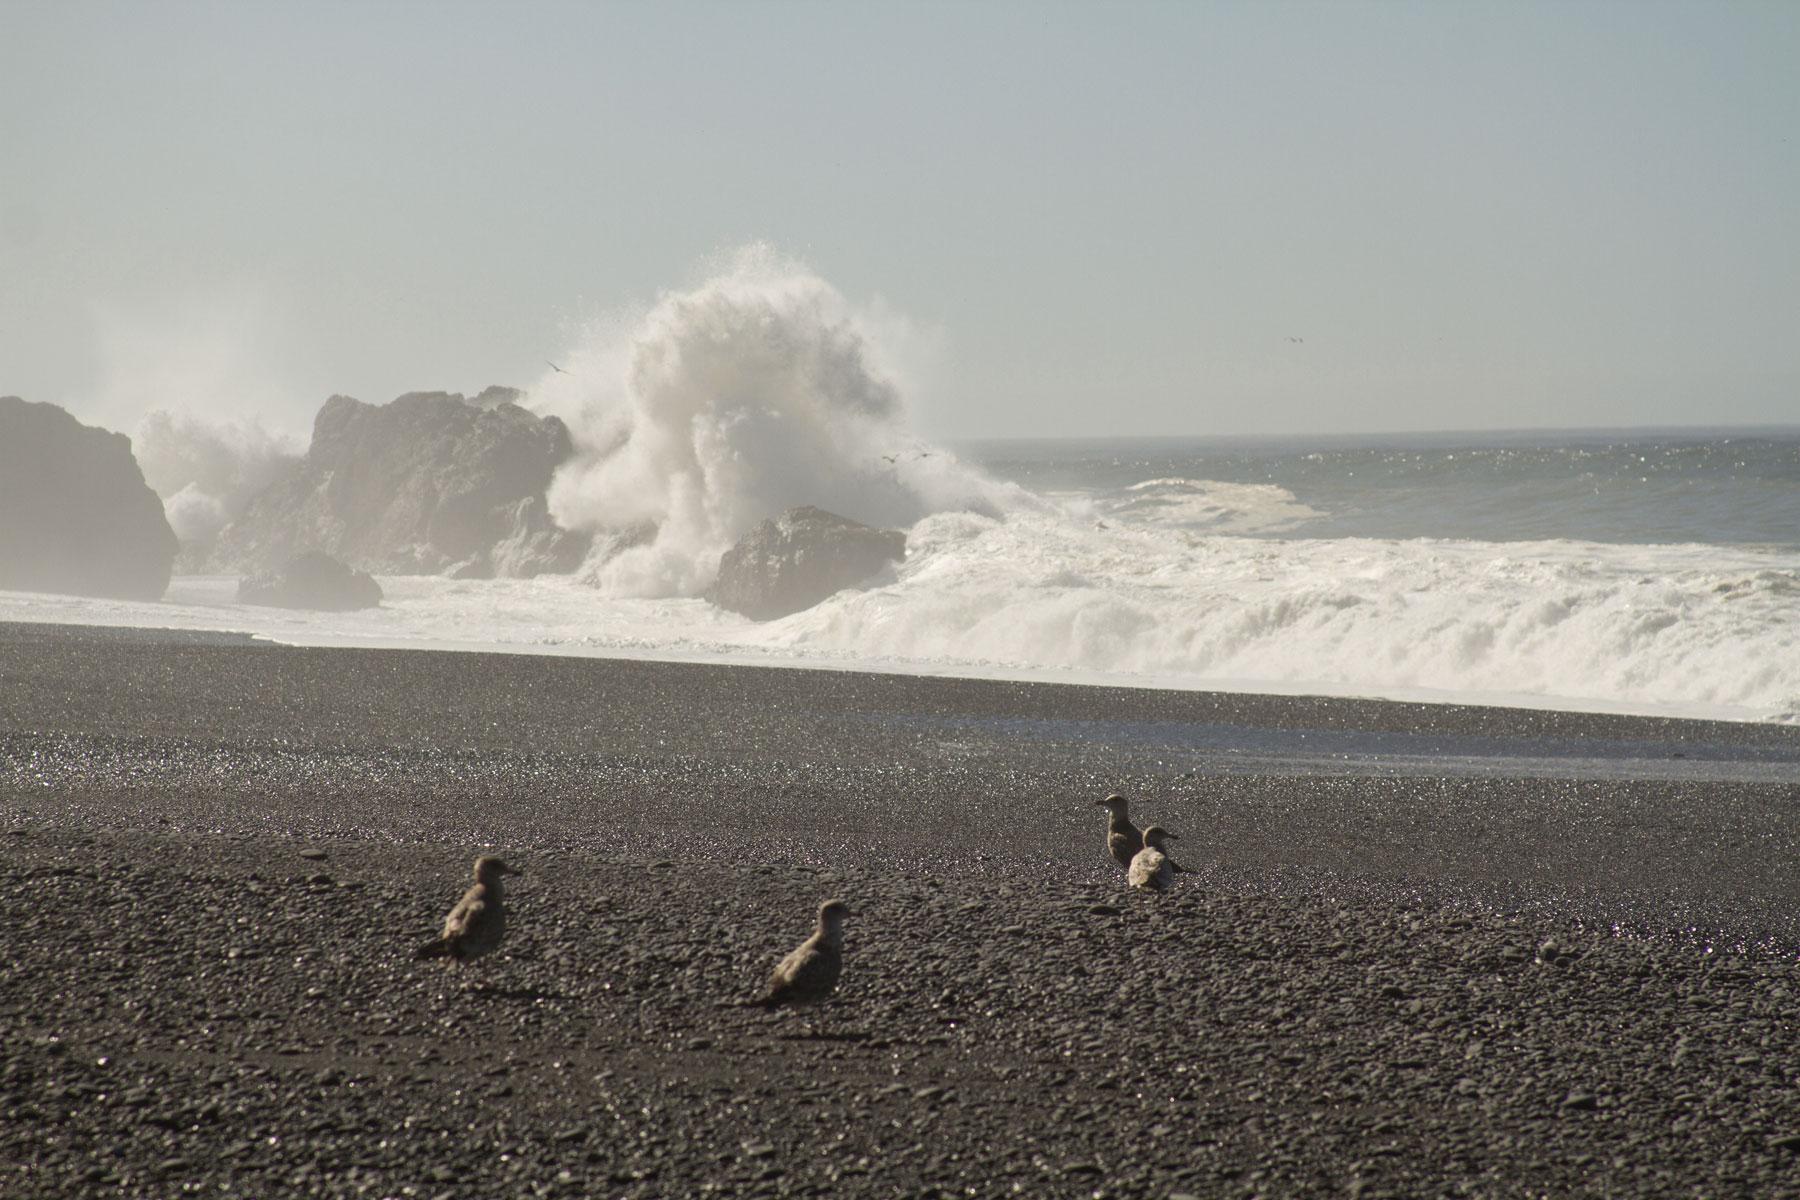 The lost coast, California